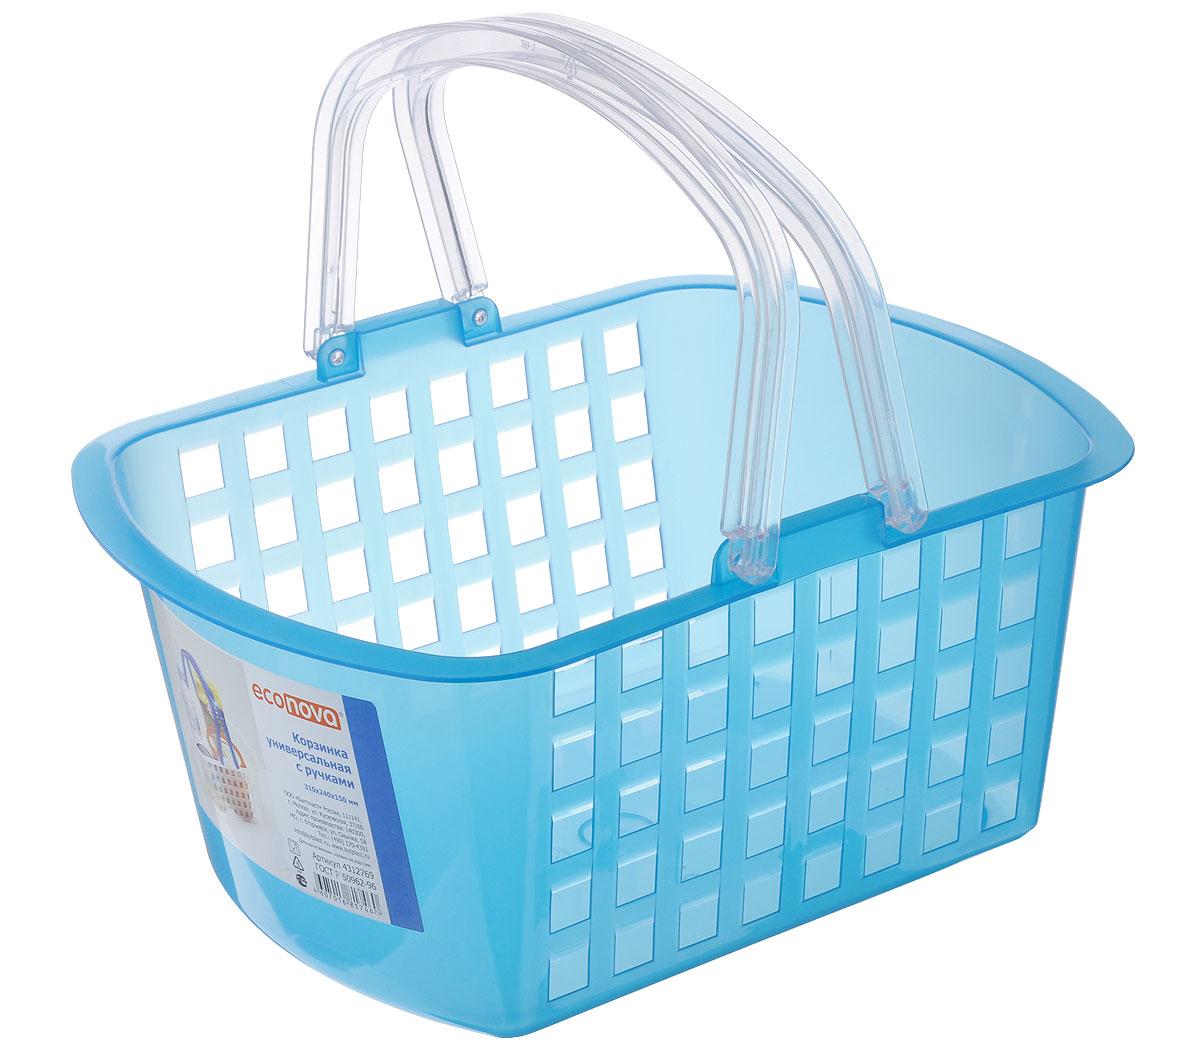 Корзинка универсальная Econova, цвет: голубой, 31 х 24 х 15 смRG-D31SУниверсальная корзина Econova, изготовленная из высококачественного прочного пластика, предназначена для хранения мелочей в ванной, на кухне, даче или гараже. Изделие оснащено двумя удобными складными ручками.Это легкая корзина со сплошным дном, жесткой кромкой и небольшими отверстиями позволяет хранить мелкие вещи, исключая возможность их потери.